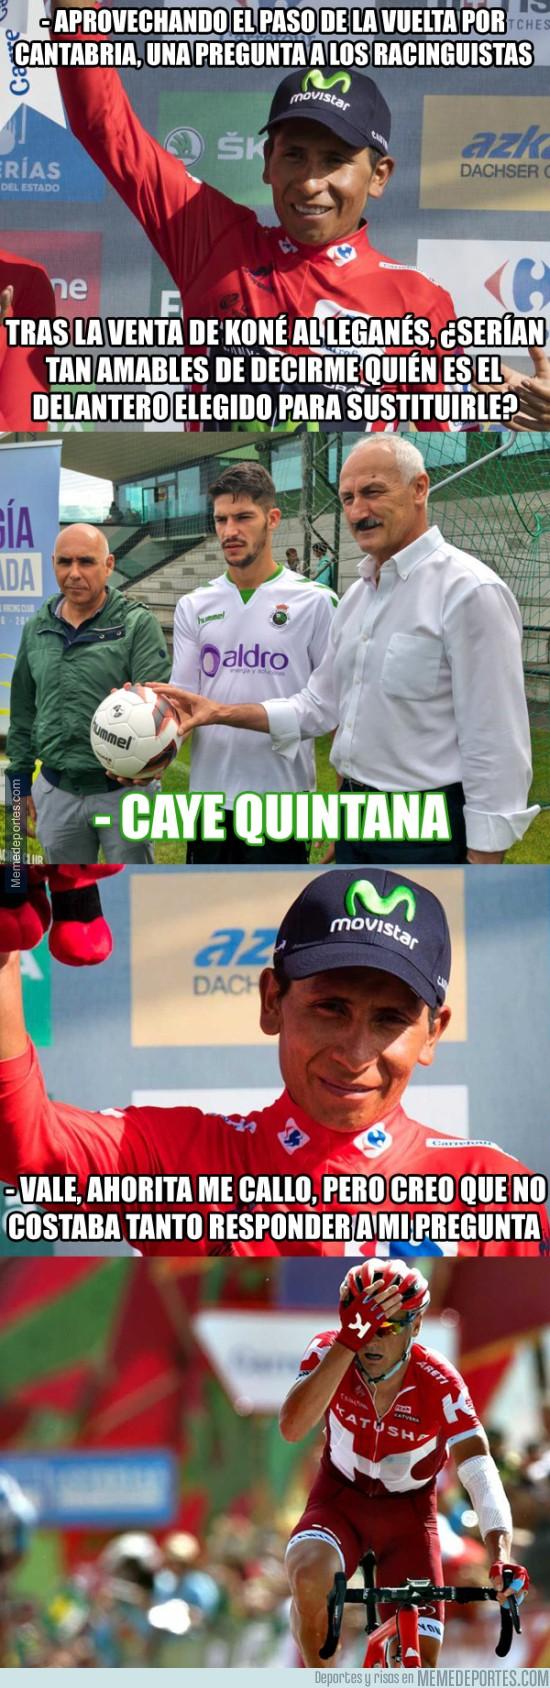 903215 - Nairo Quintana no se ha enterado del último fichaje del Racing